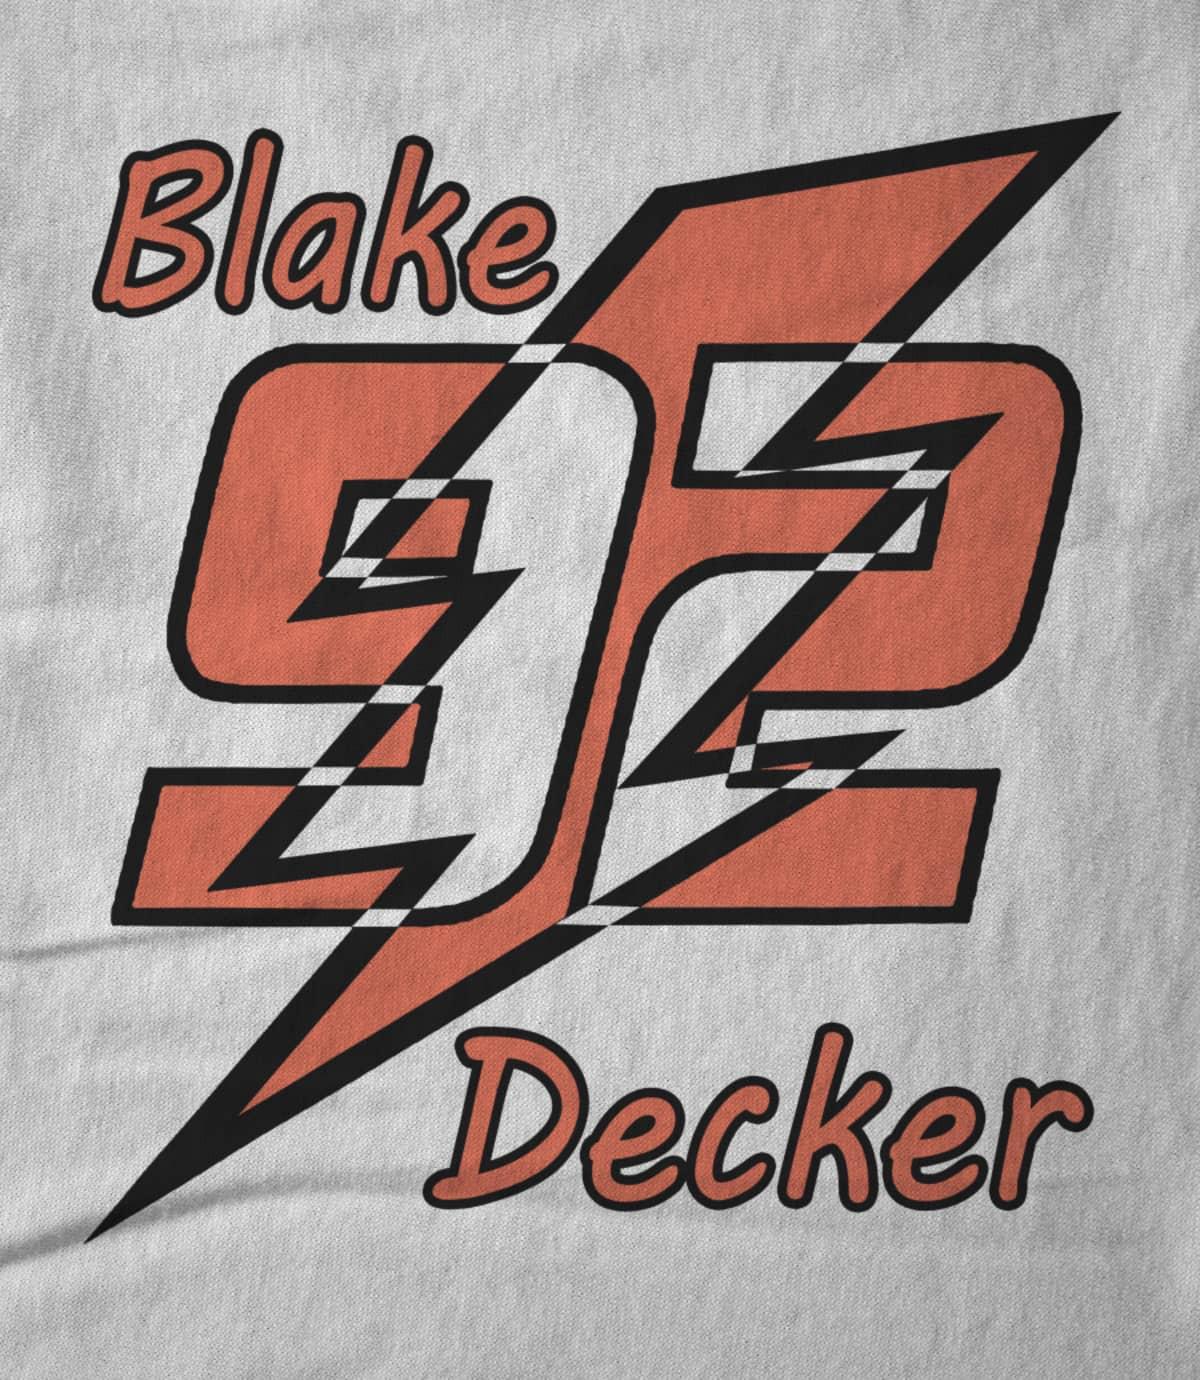 Blake decker white 92 1594837385